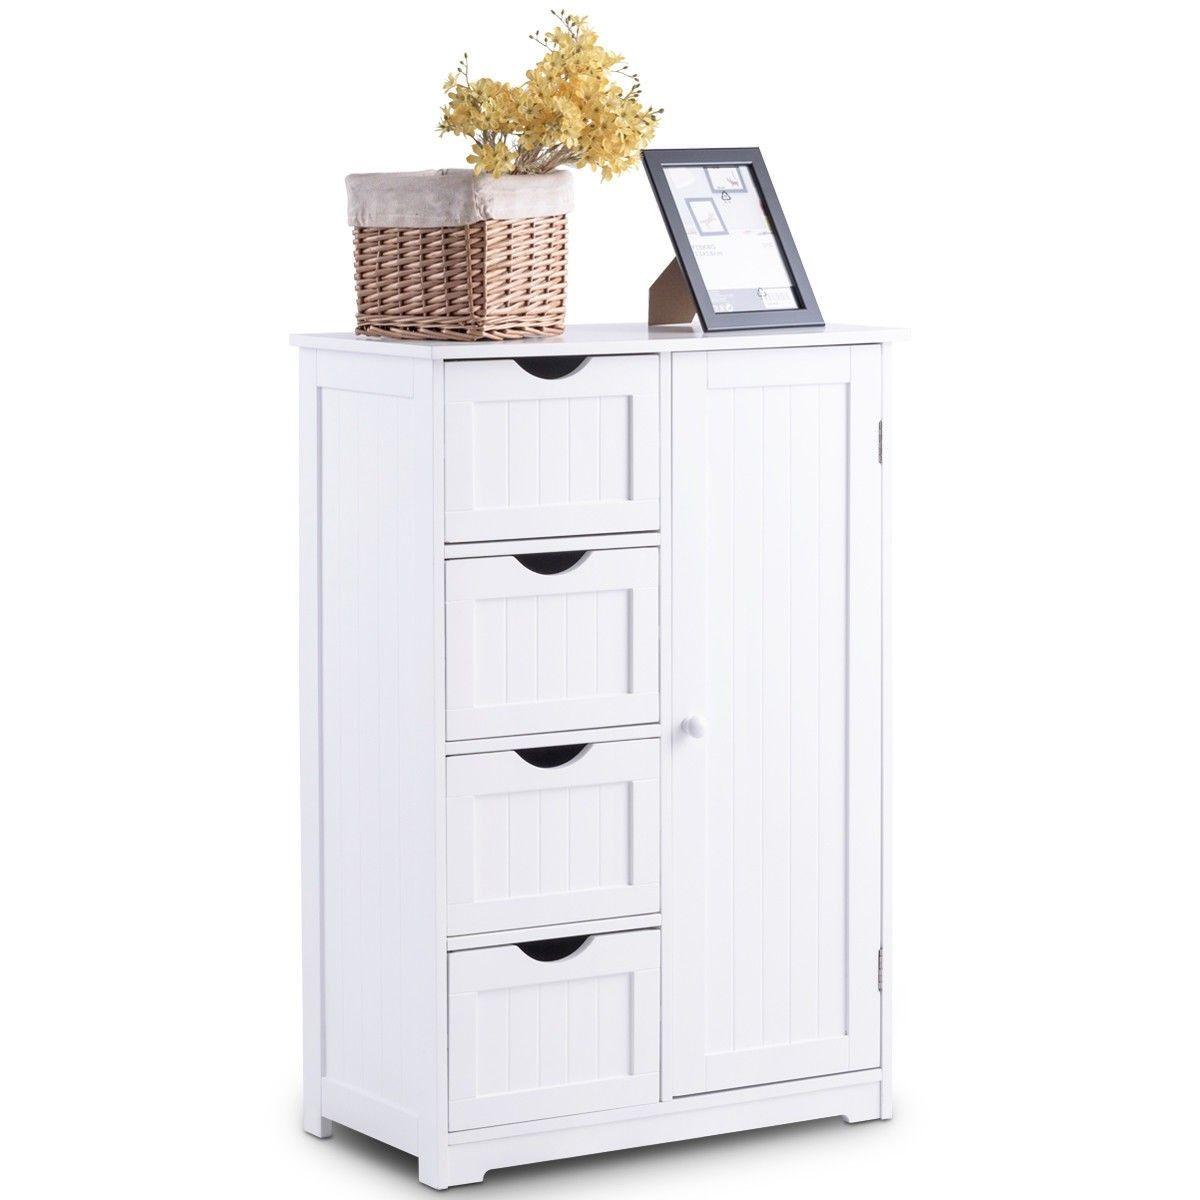 Standing Indoor Wooden Cabinet With 4 Drawers Bathroom